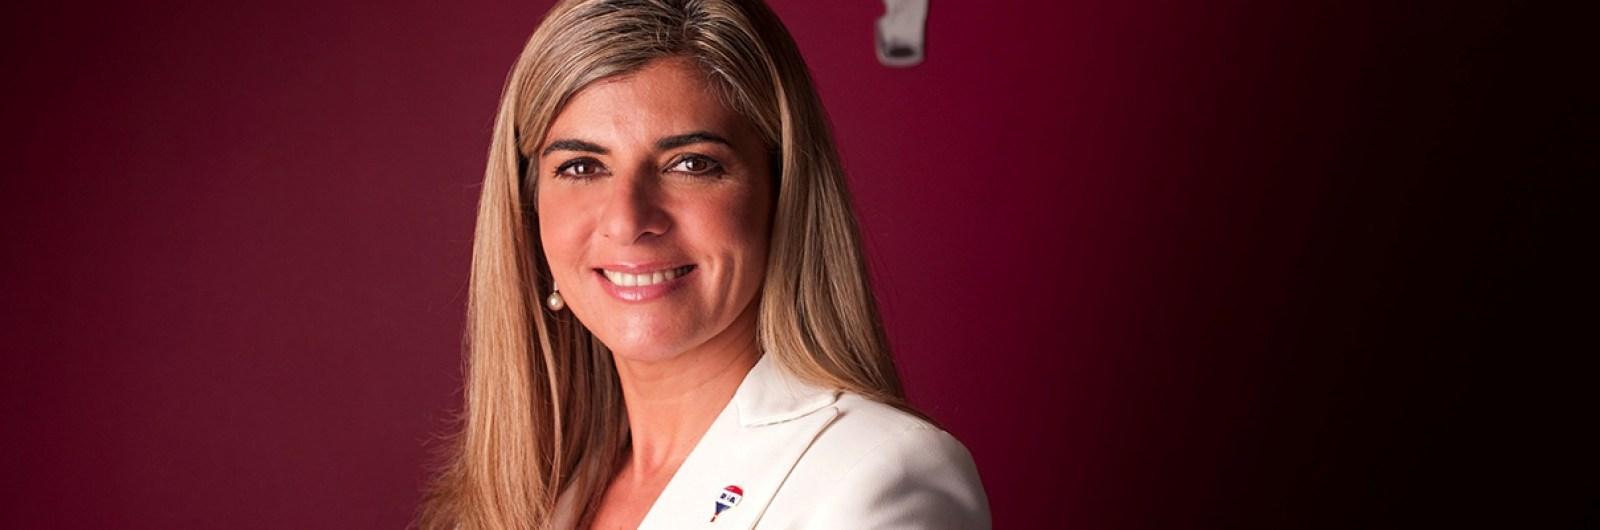 CEO da Remax eleita a melhor gestora de pessoas